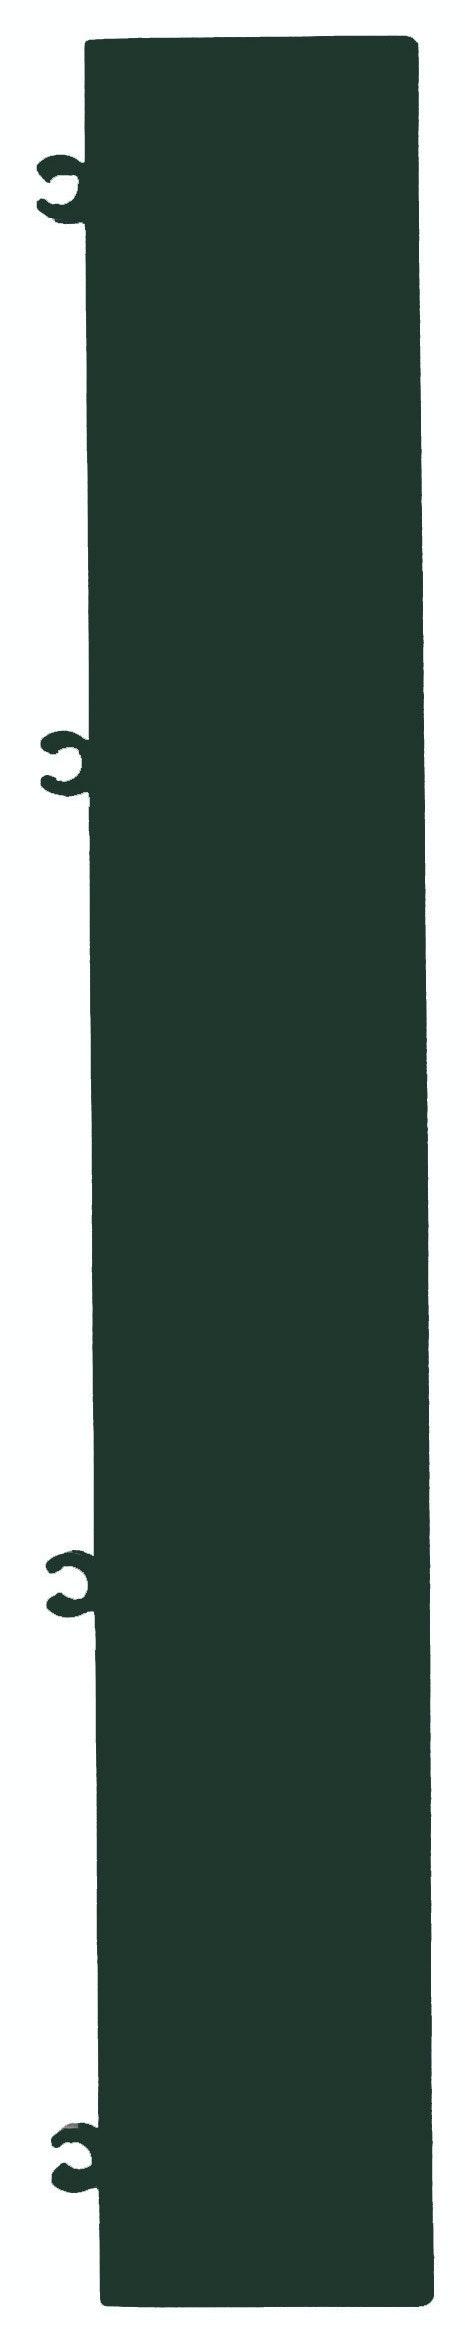 Kantlist Bergo Pine 4-Pack System2